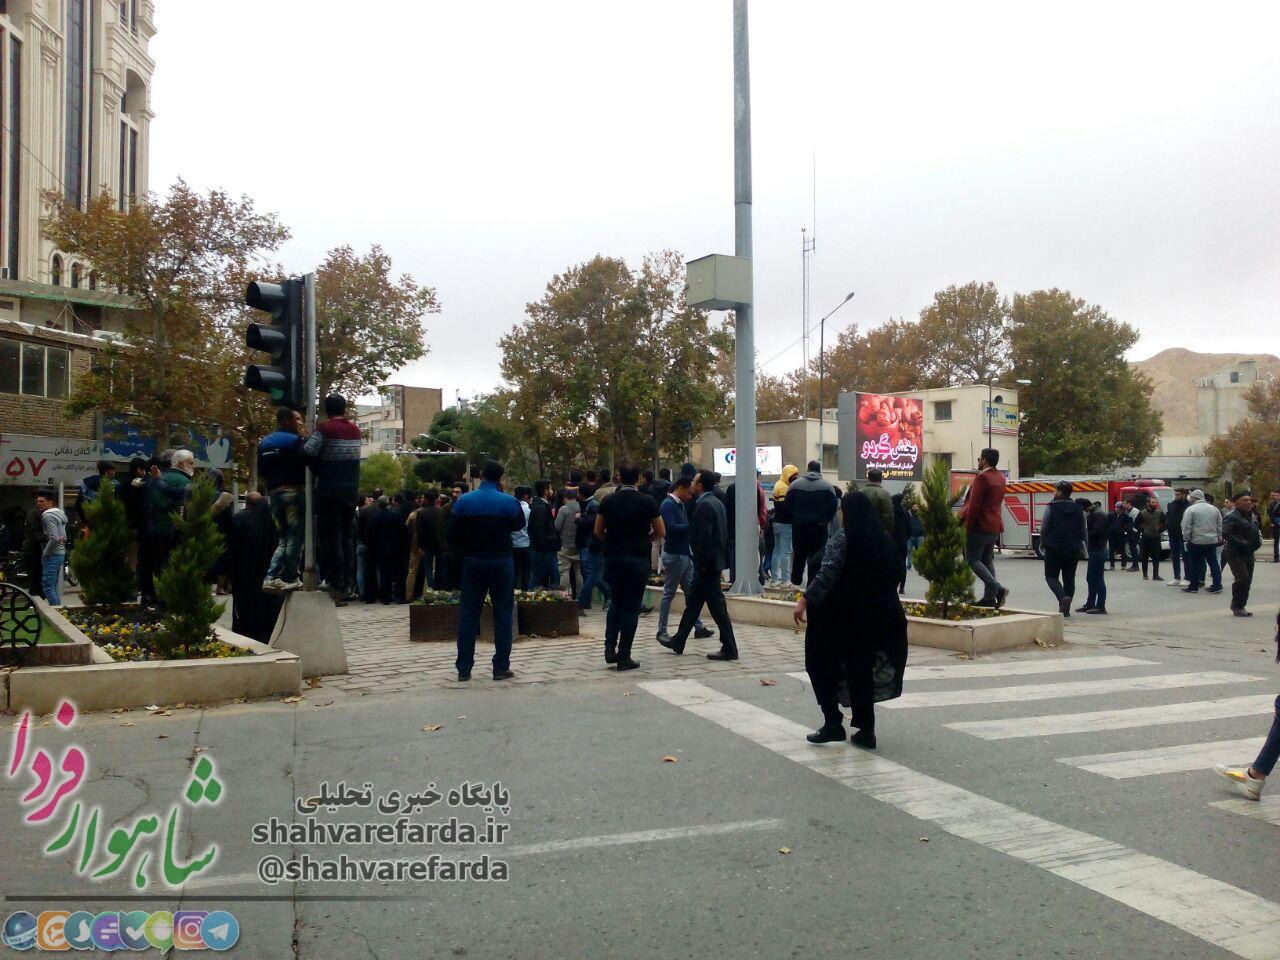 Photo of دولت «شیب ملایم» افزایش قیمت ها را معنی کرد!/ مسئولان در بین مردم نیستند